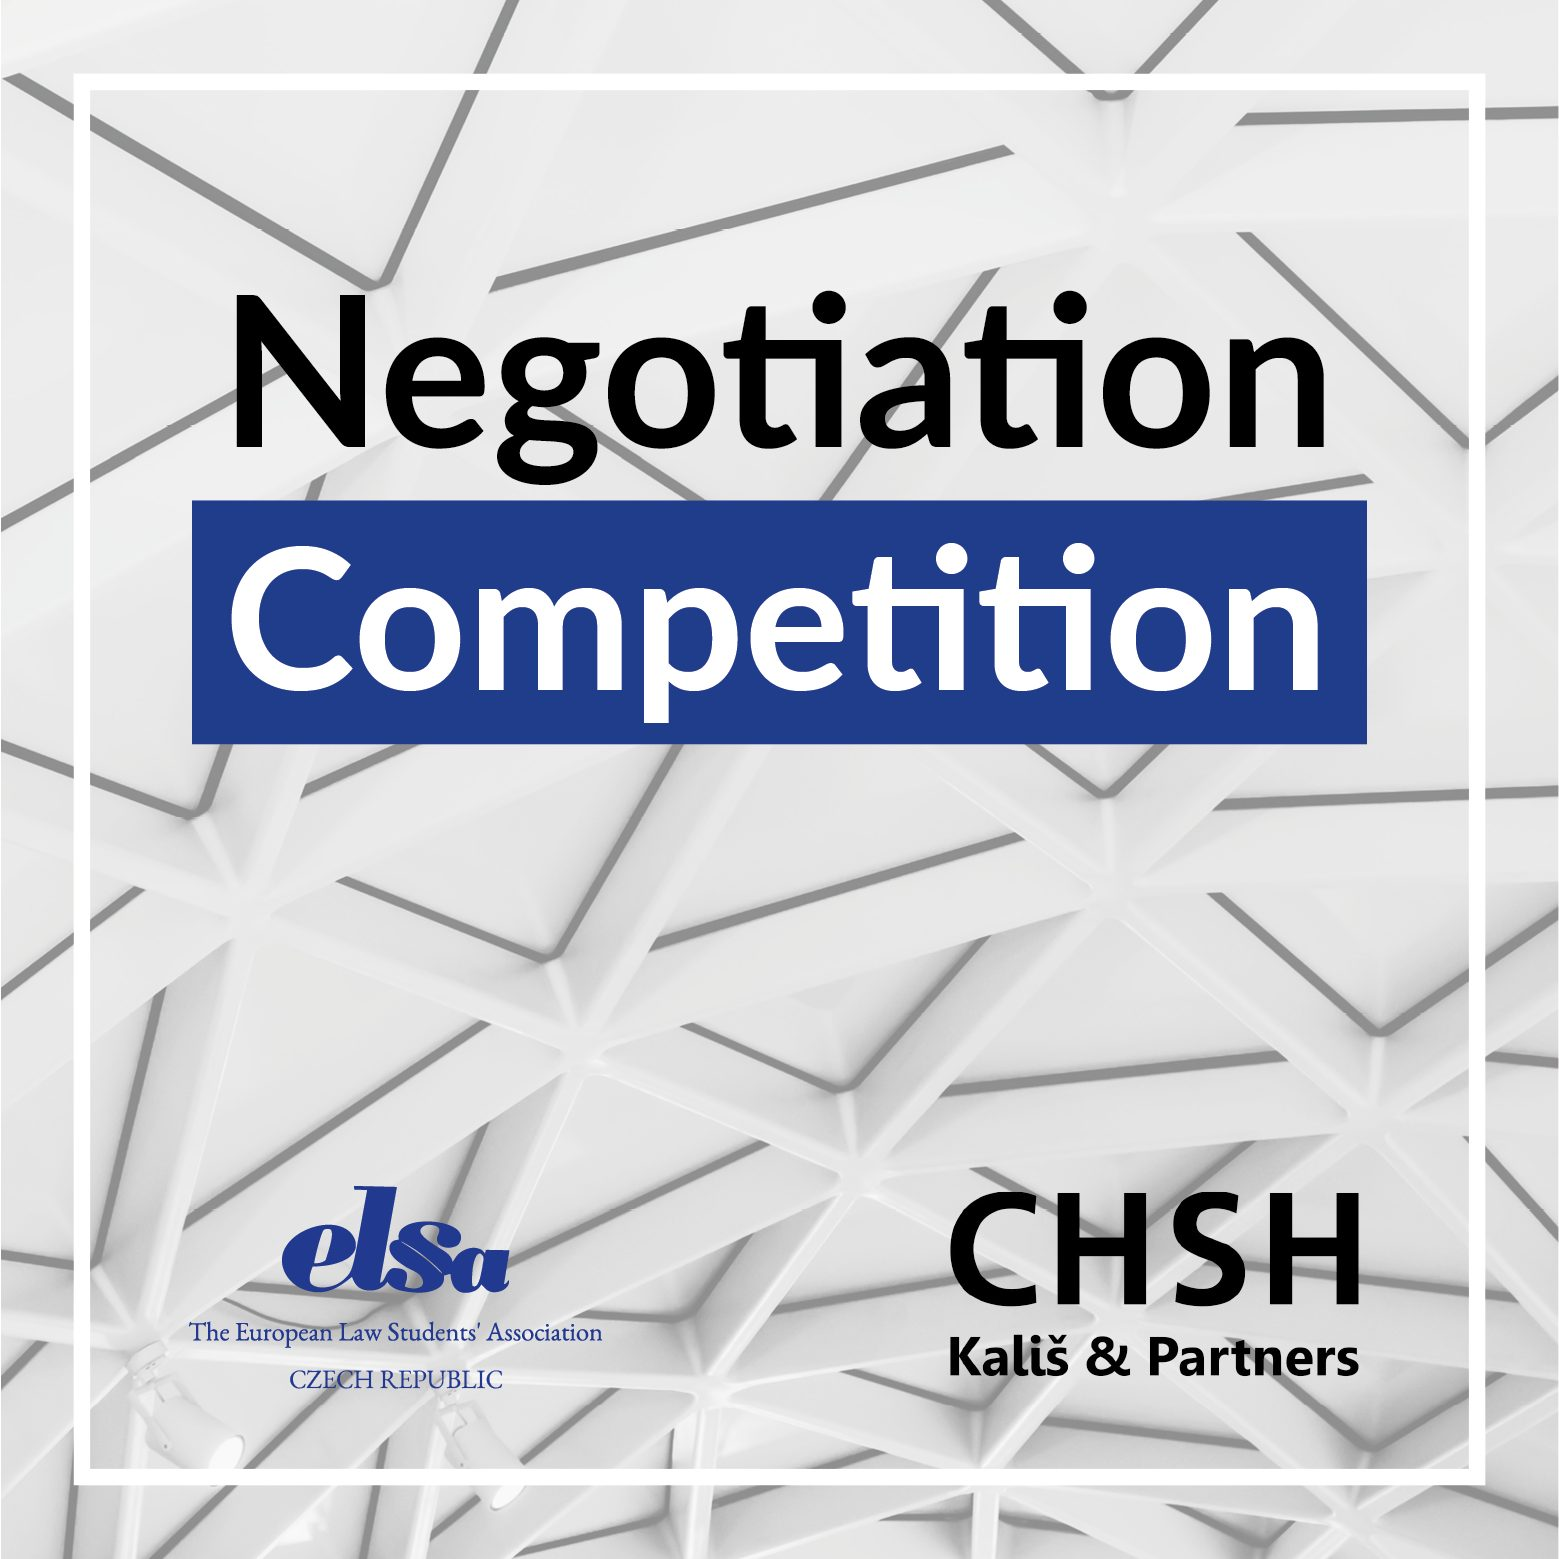 Negotiation Competition 2018 – Rozhovor s vítězi